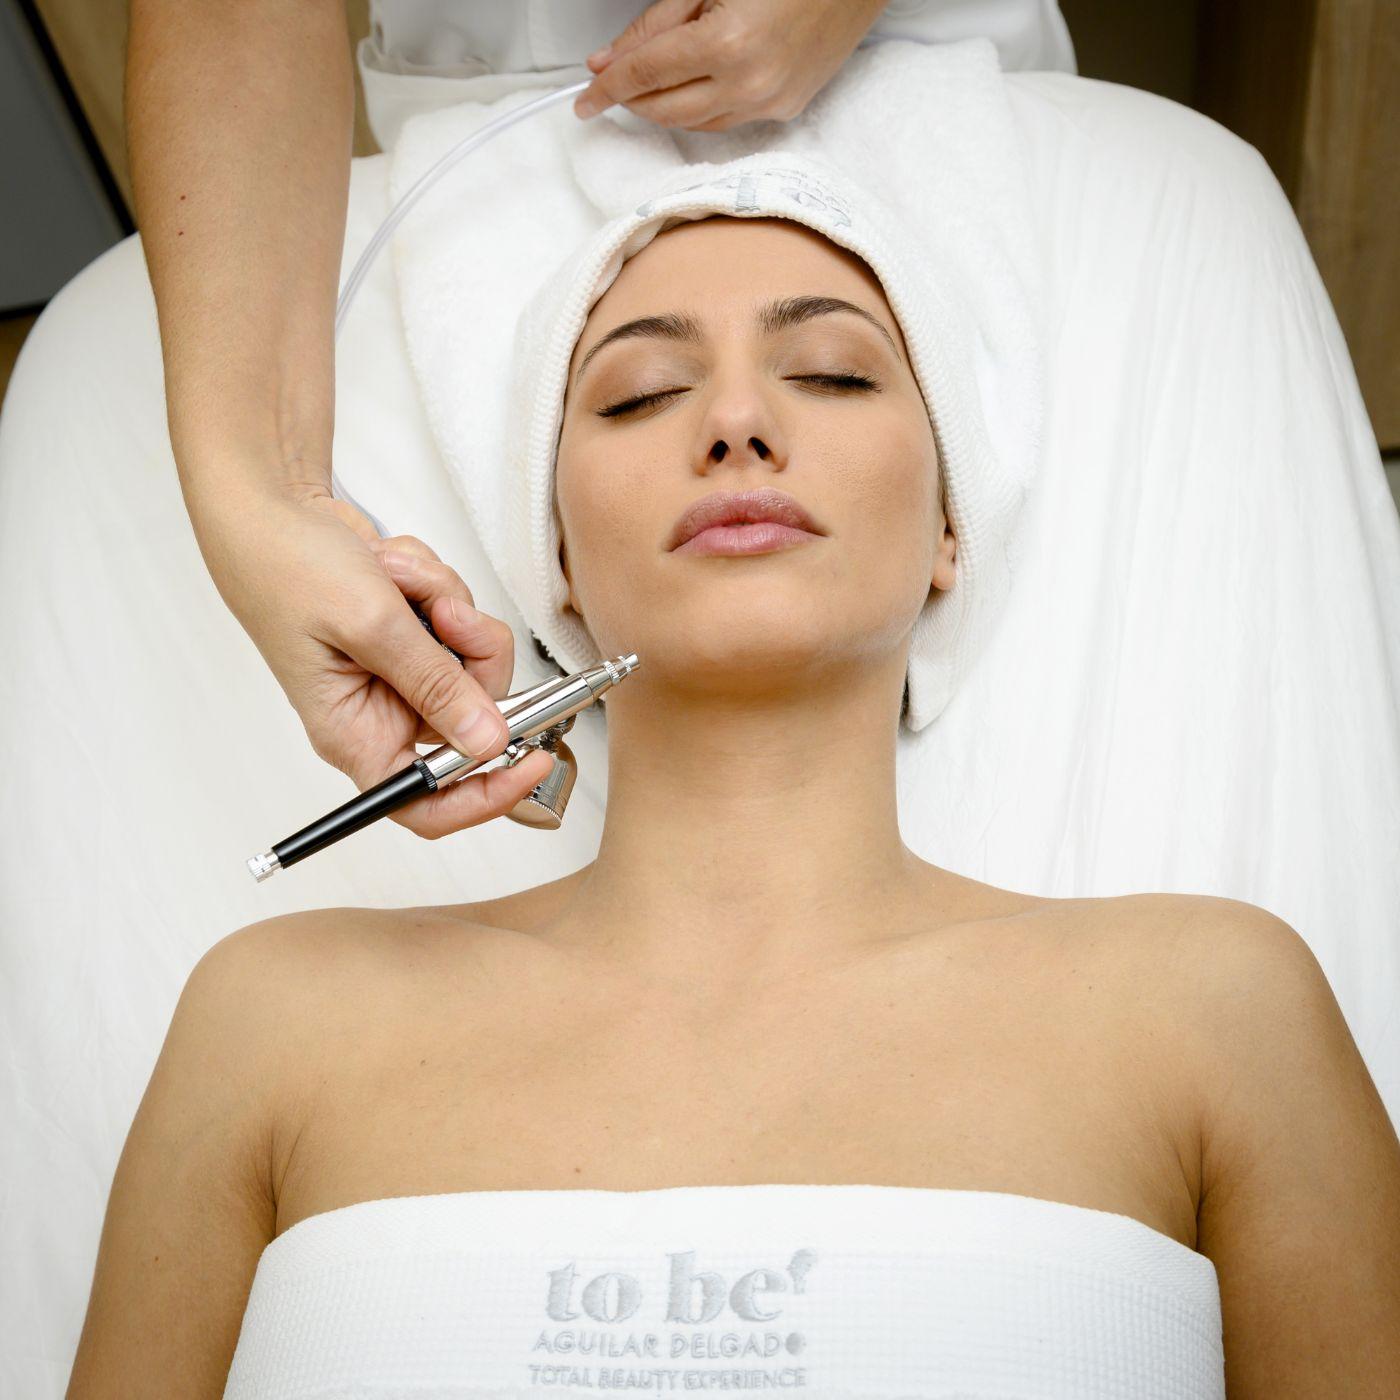 paciente recibiendo tratamiento de oxigenación facial